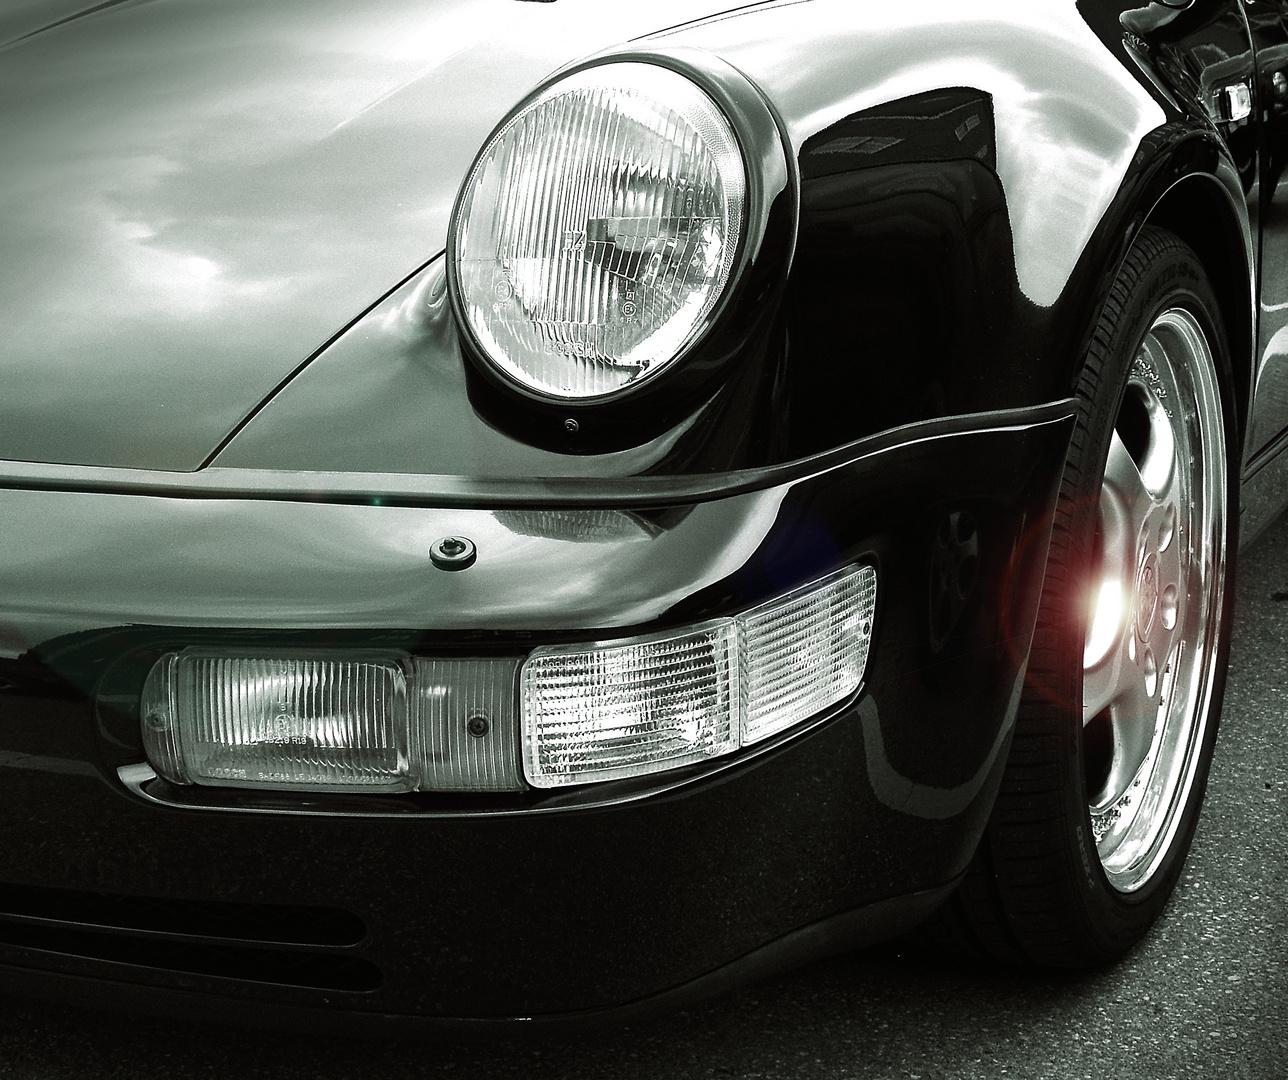 Porsche 911 (964) Turbolook